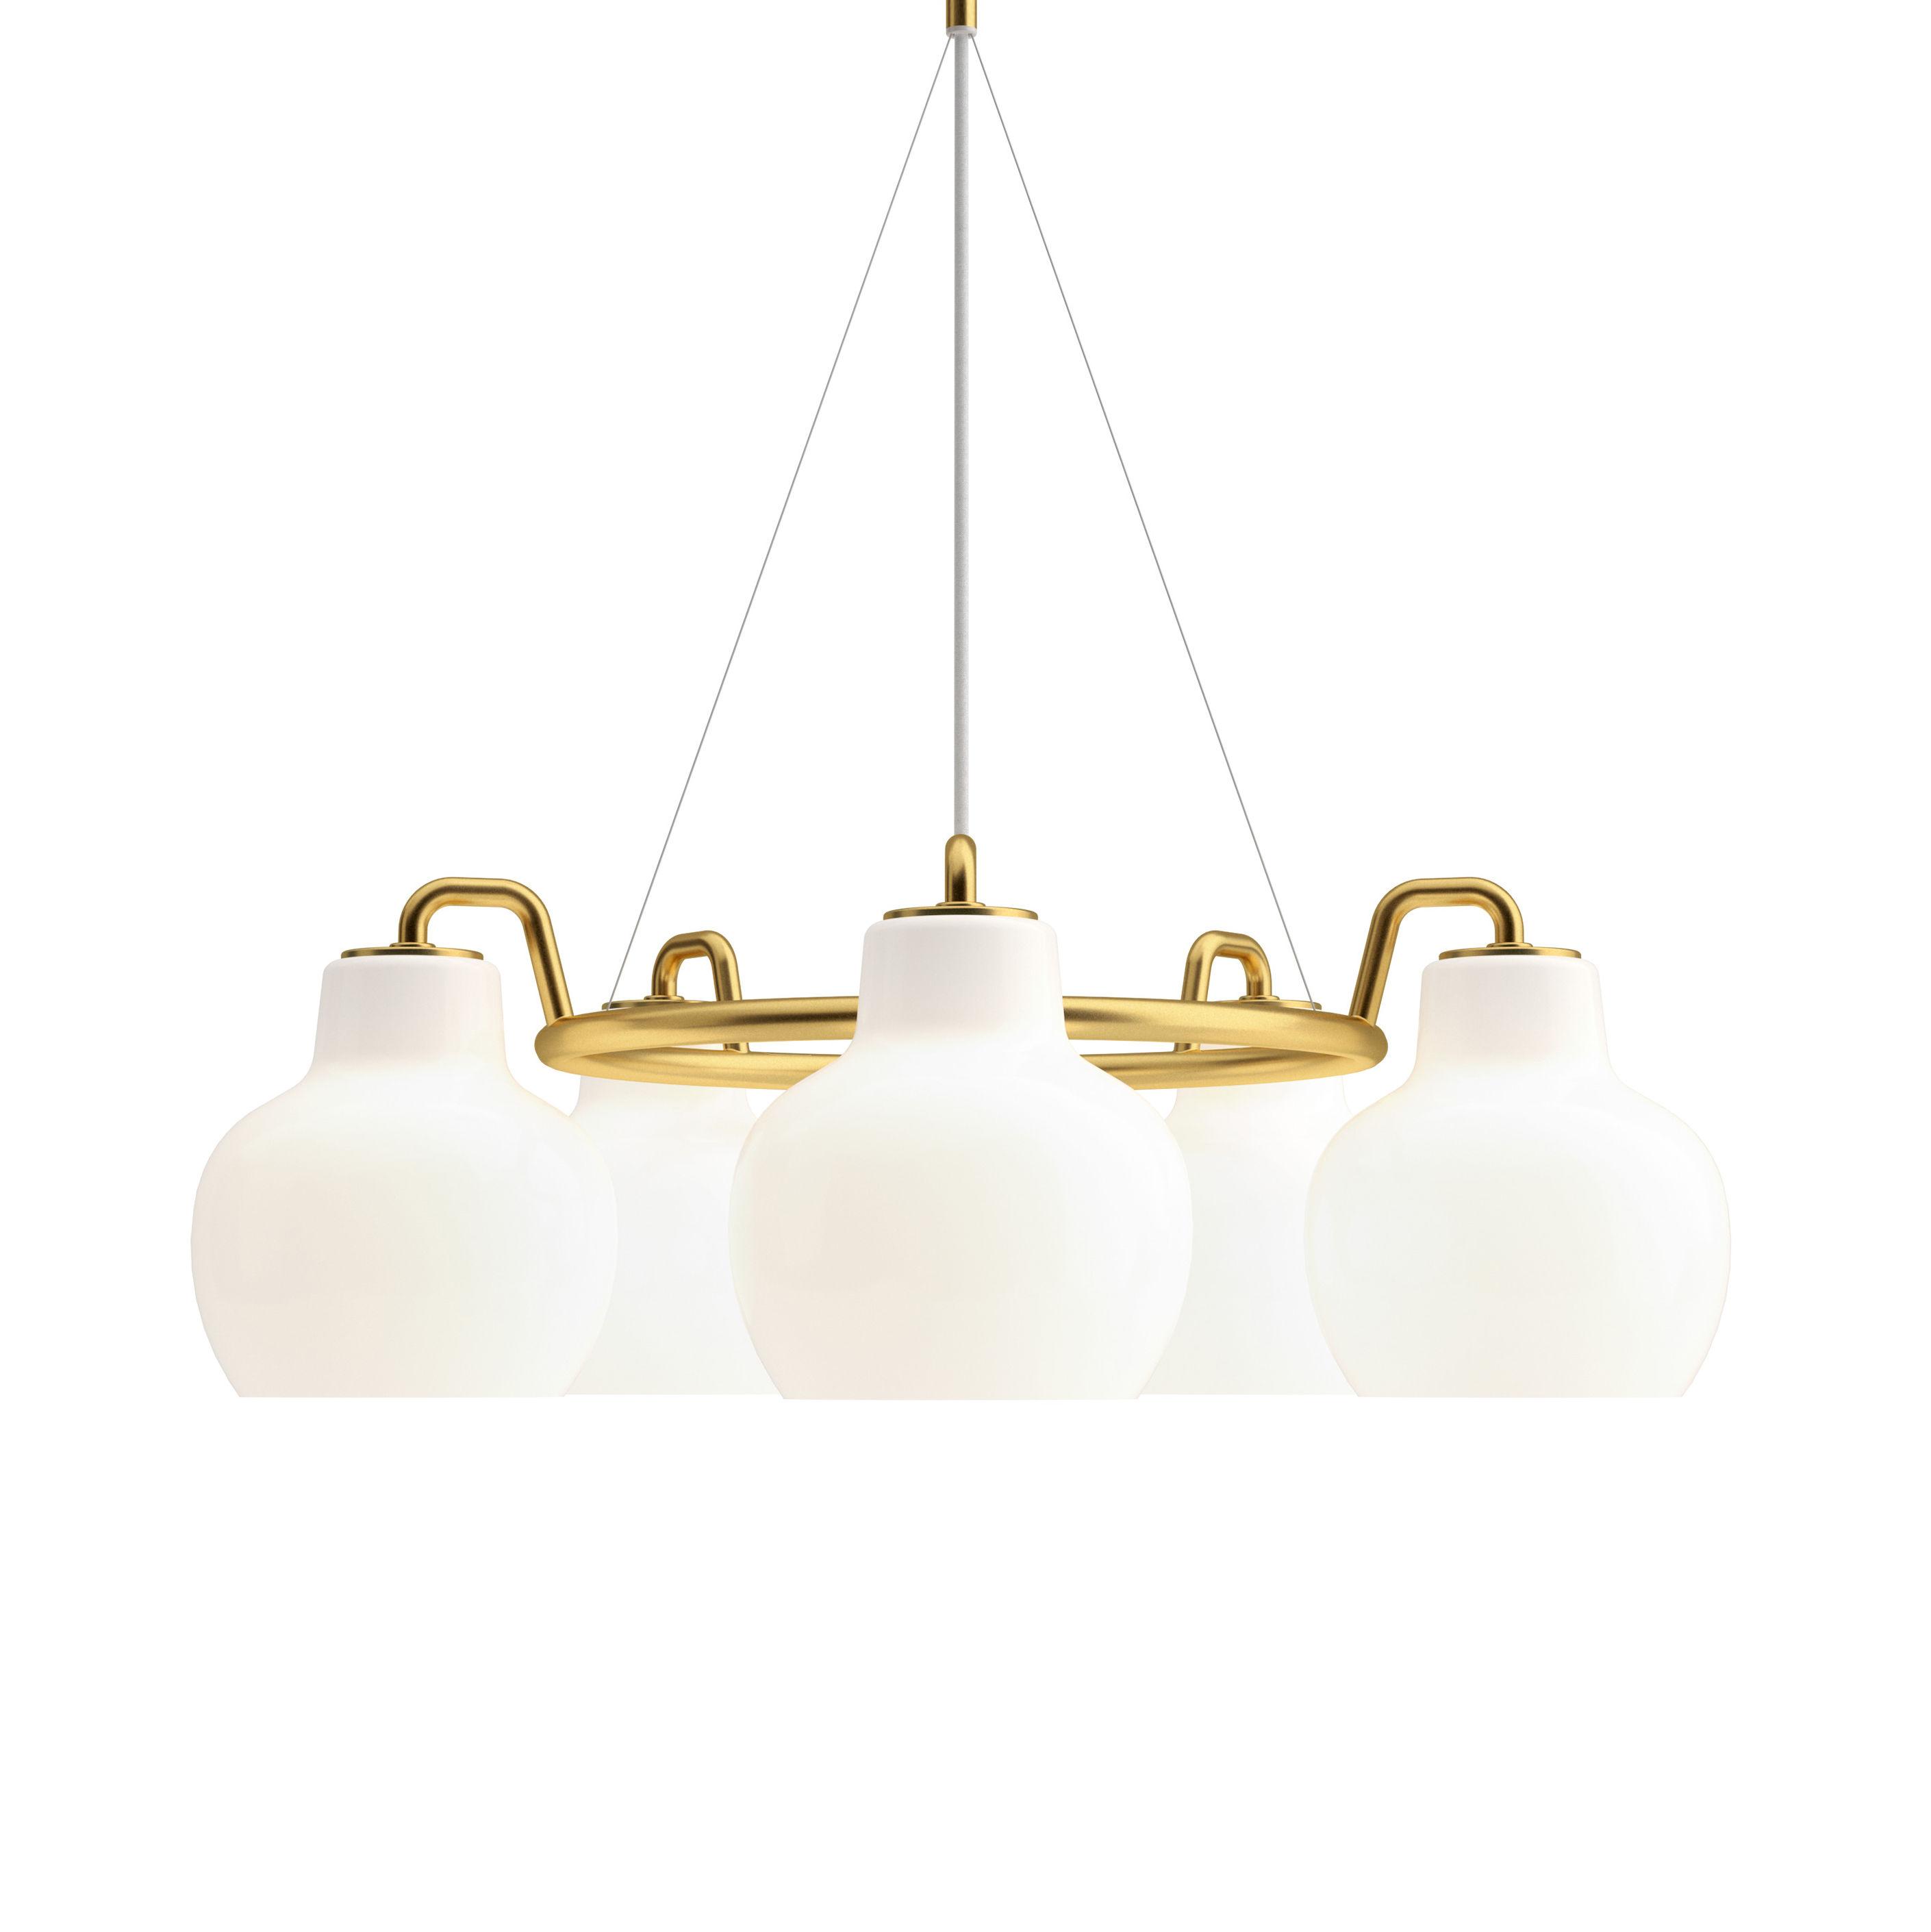 Illuminazione - Lampadari - Sospensione VL Ring Crown - / 5 paralumi - Ø 69 cm di Louis Poulsen - Bianco / Ottone - Ottone, Vetro soffiato a bocca